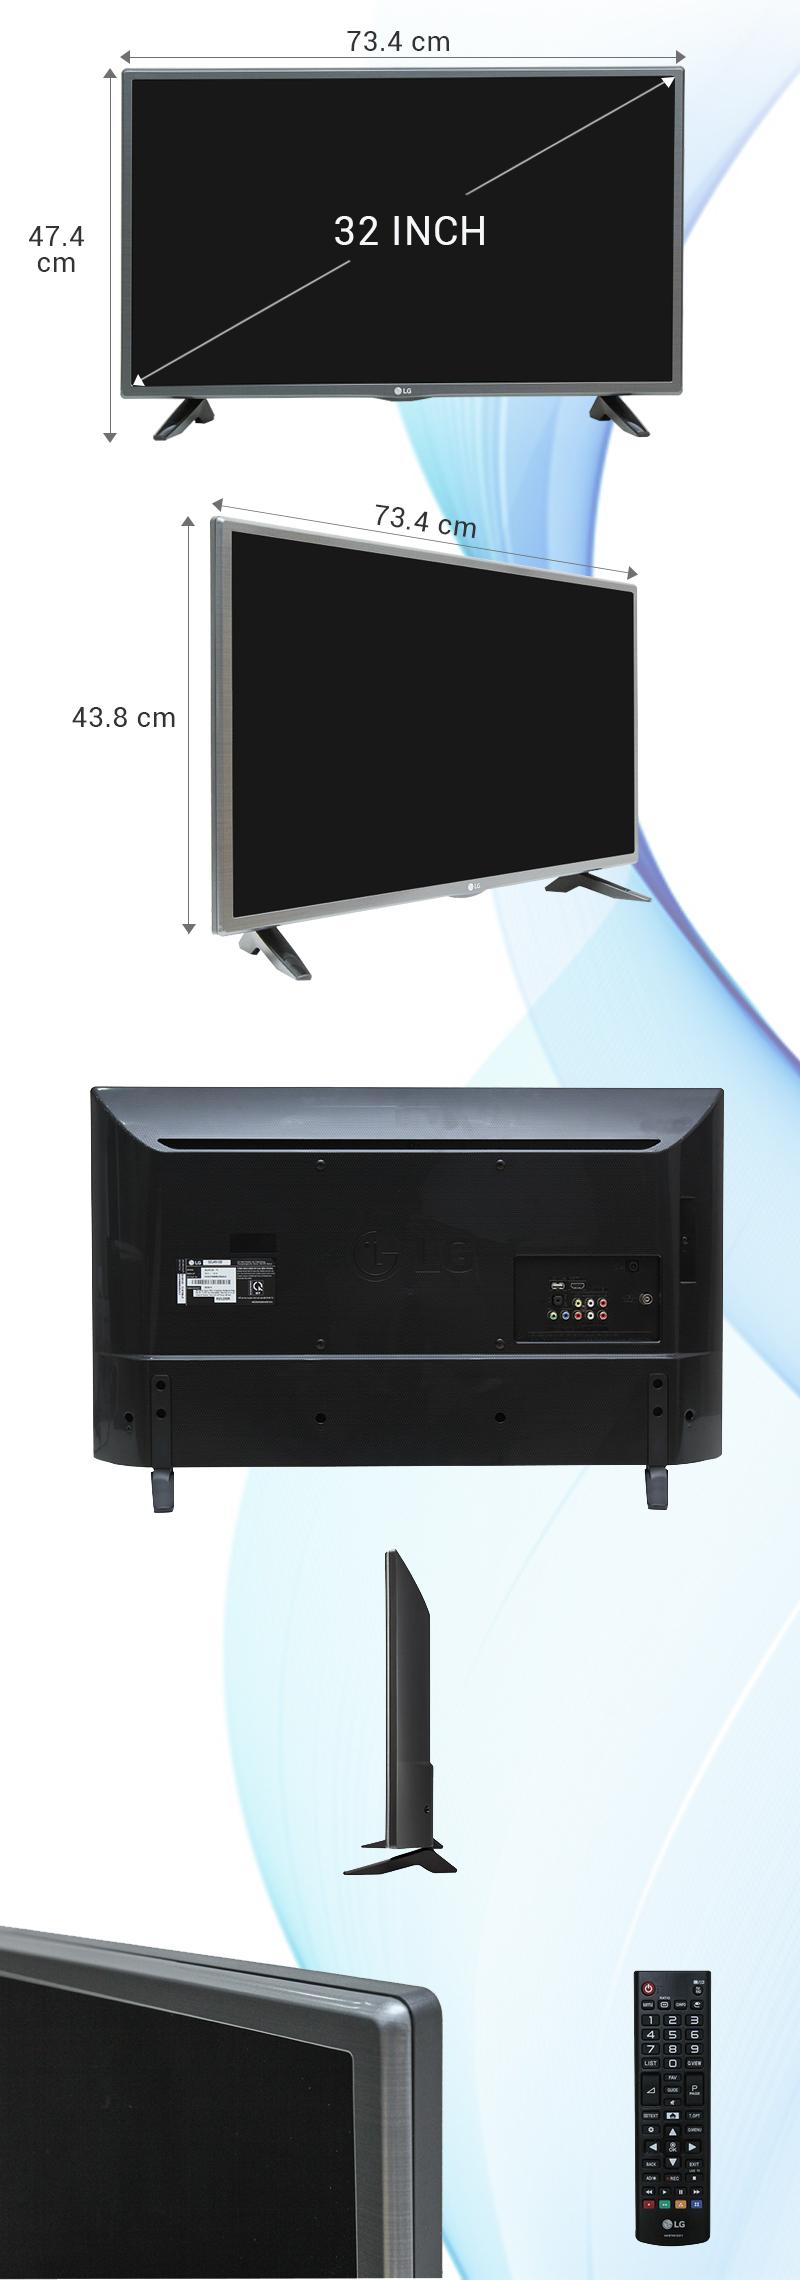 Tivi LG 32 inch 32LH512D - Kích thước tivi